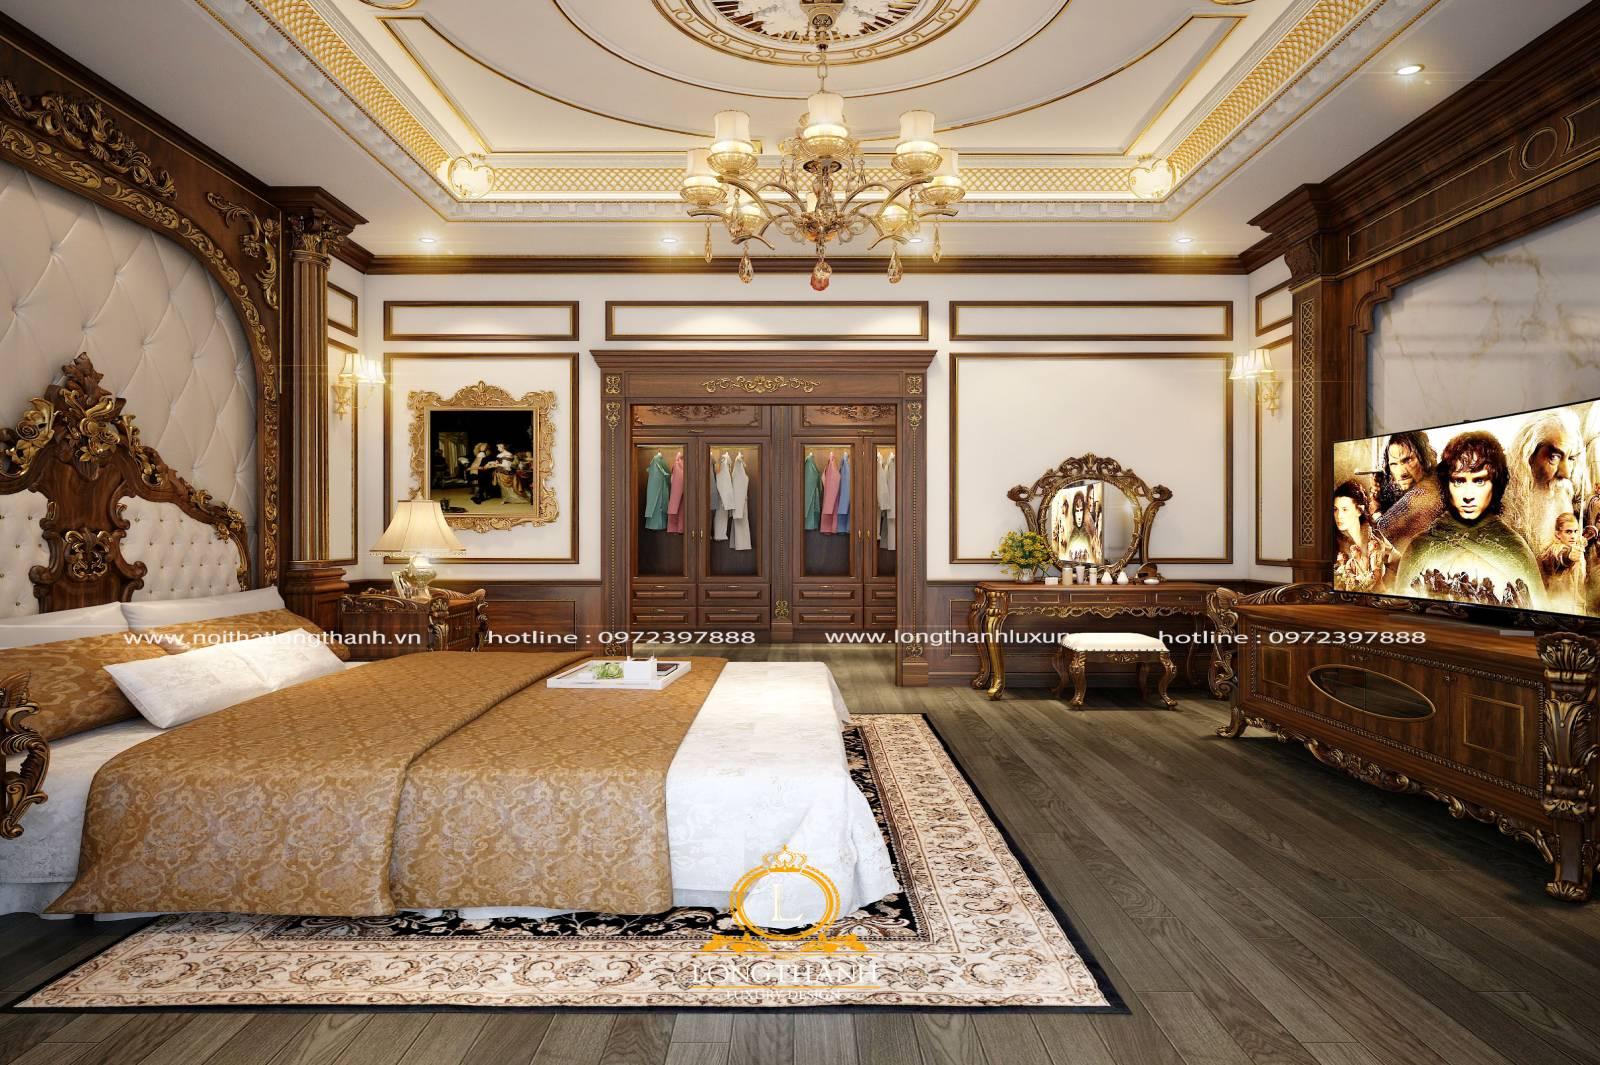 phòng ngủ cao cấp gỗ Gõ sơn nâu